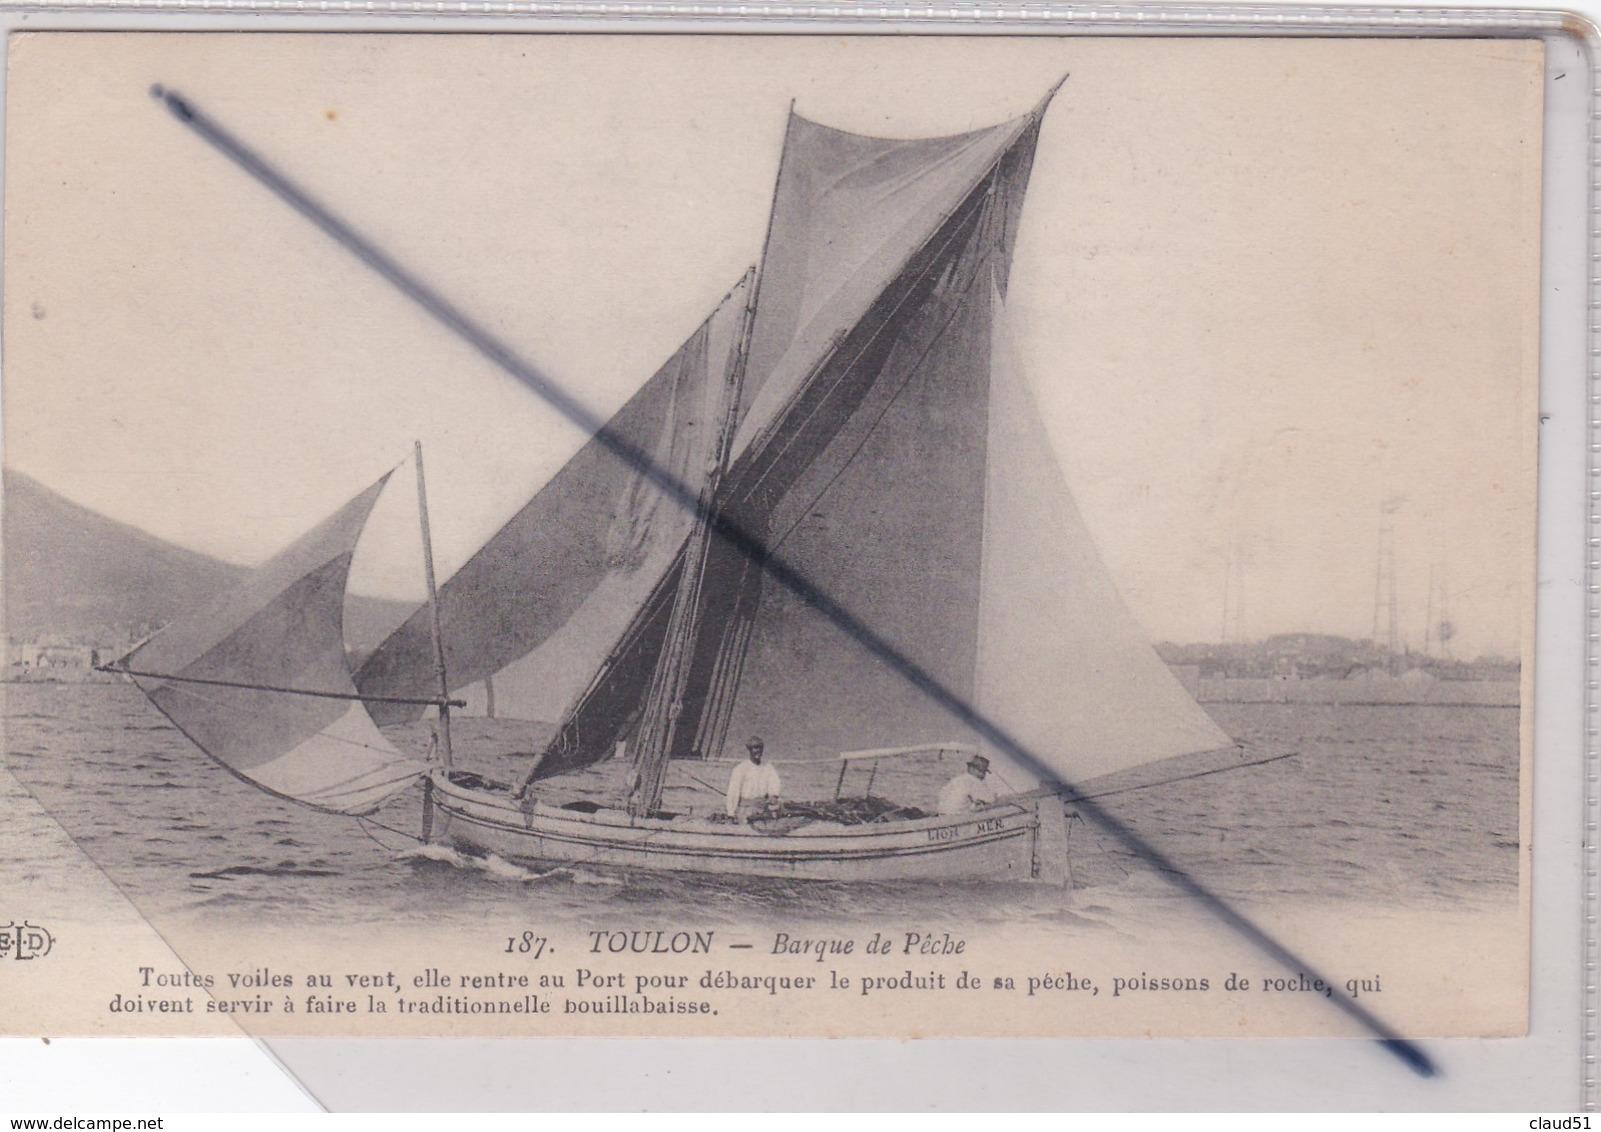 Toulon (83) Barque De Pêche.Toutes Voiles Au Vent,elle Rentre Au Port Pour Débarquer..... - Toulon